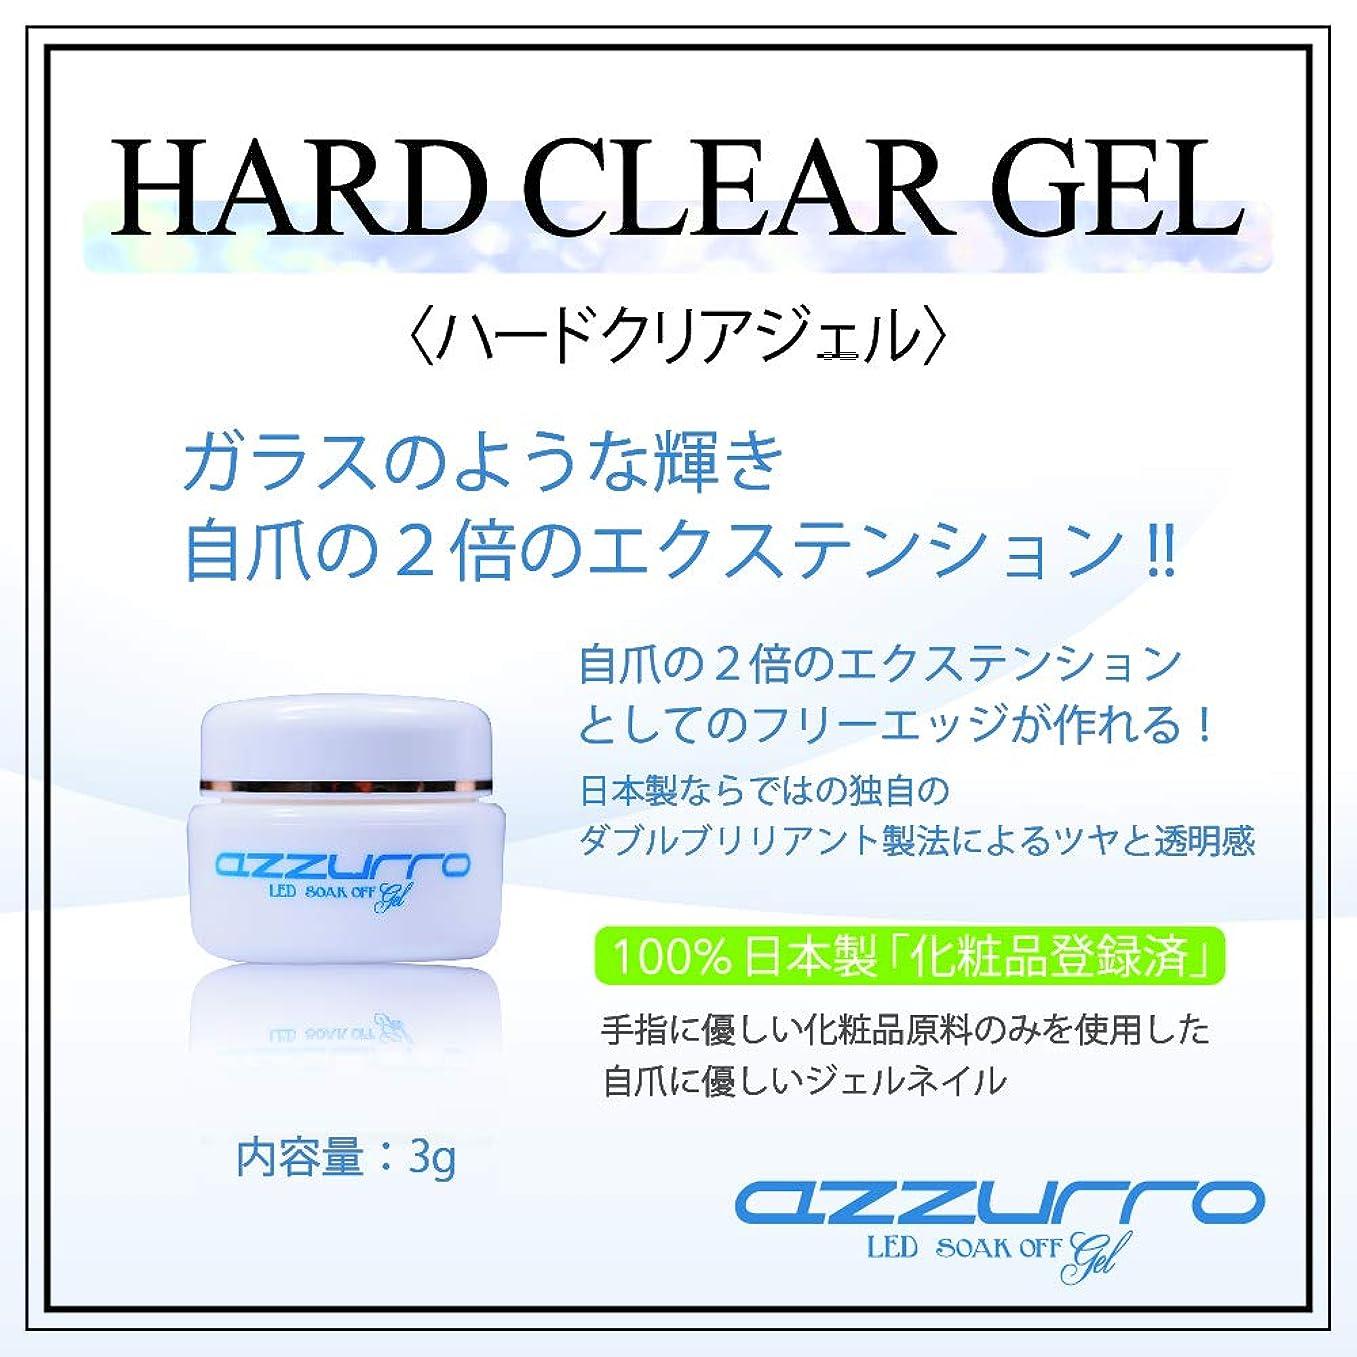 吸う欠点自動azzurro gel アッズーロハードクリアージェル 3g ツヤツヤ キラキラ感持続 抜群のツヤ